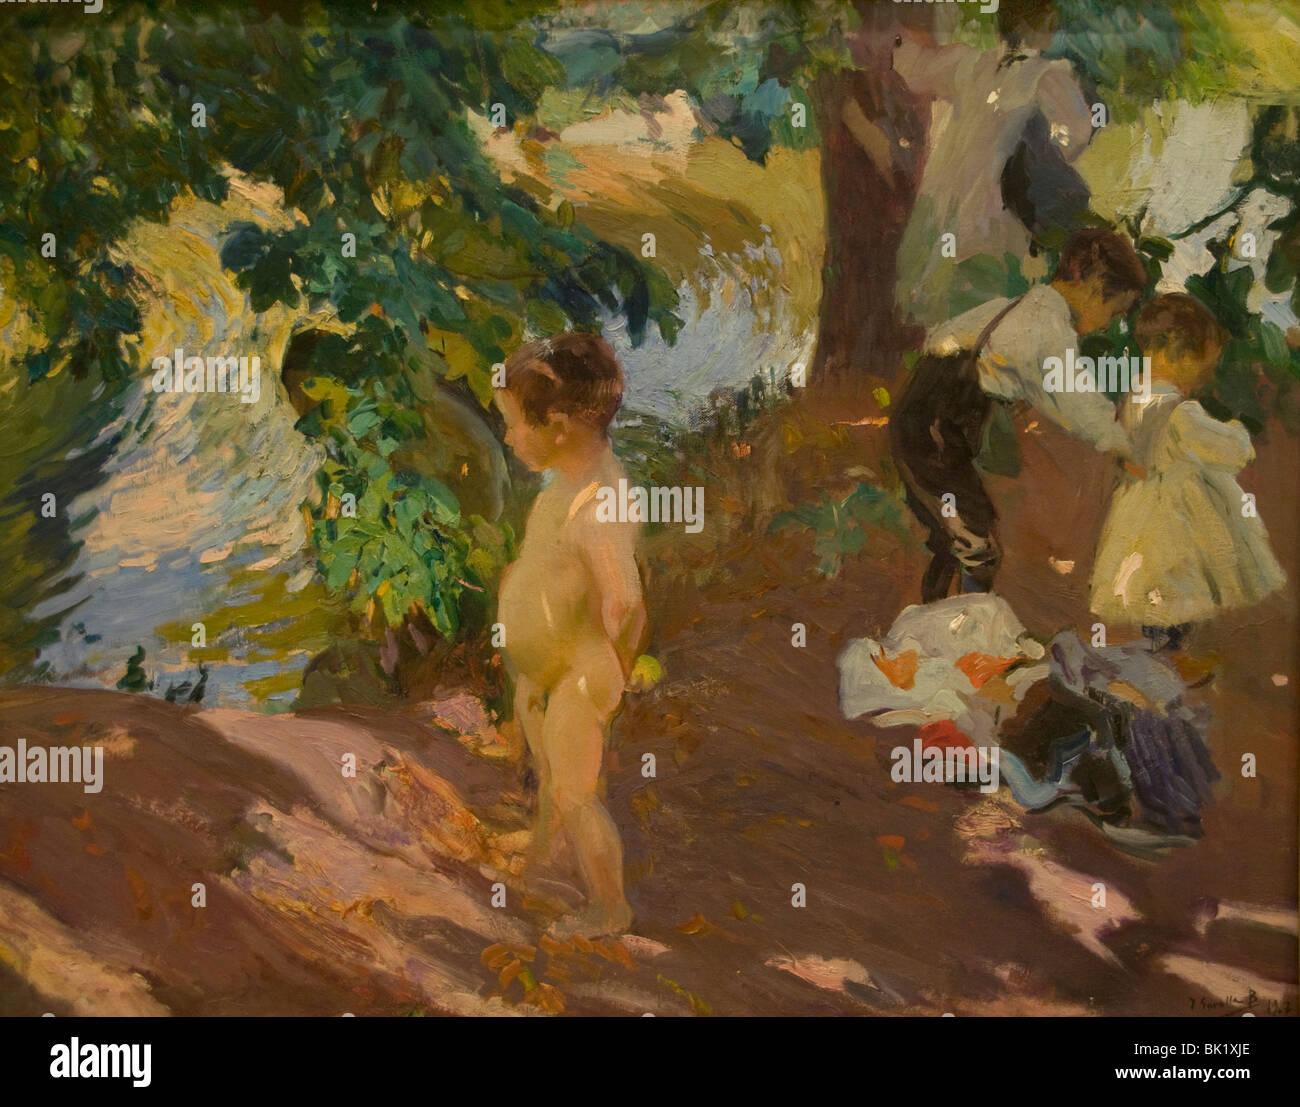 Joaquin Sorolla Spanien spanische Maler The-Bad in la Granja 1907 Stockbild